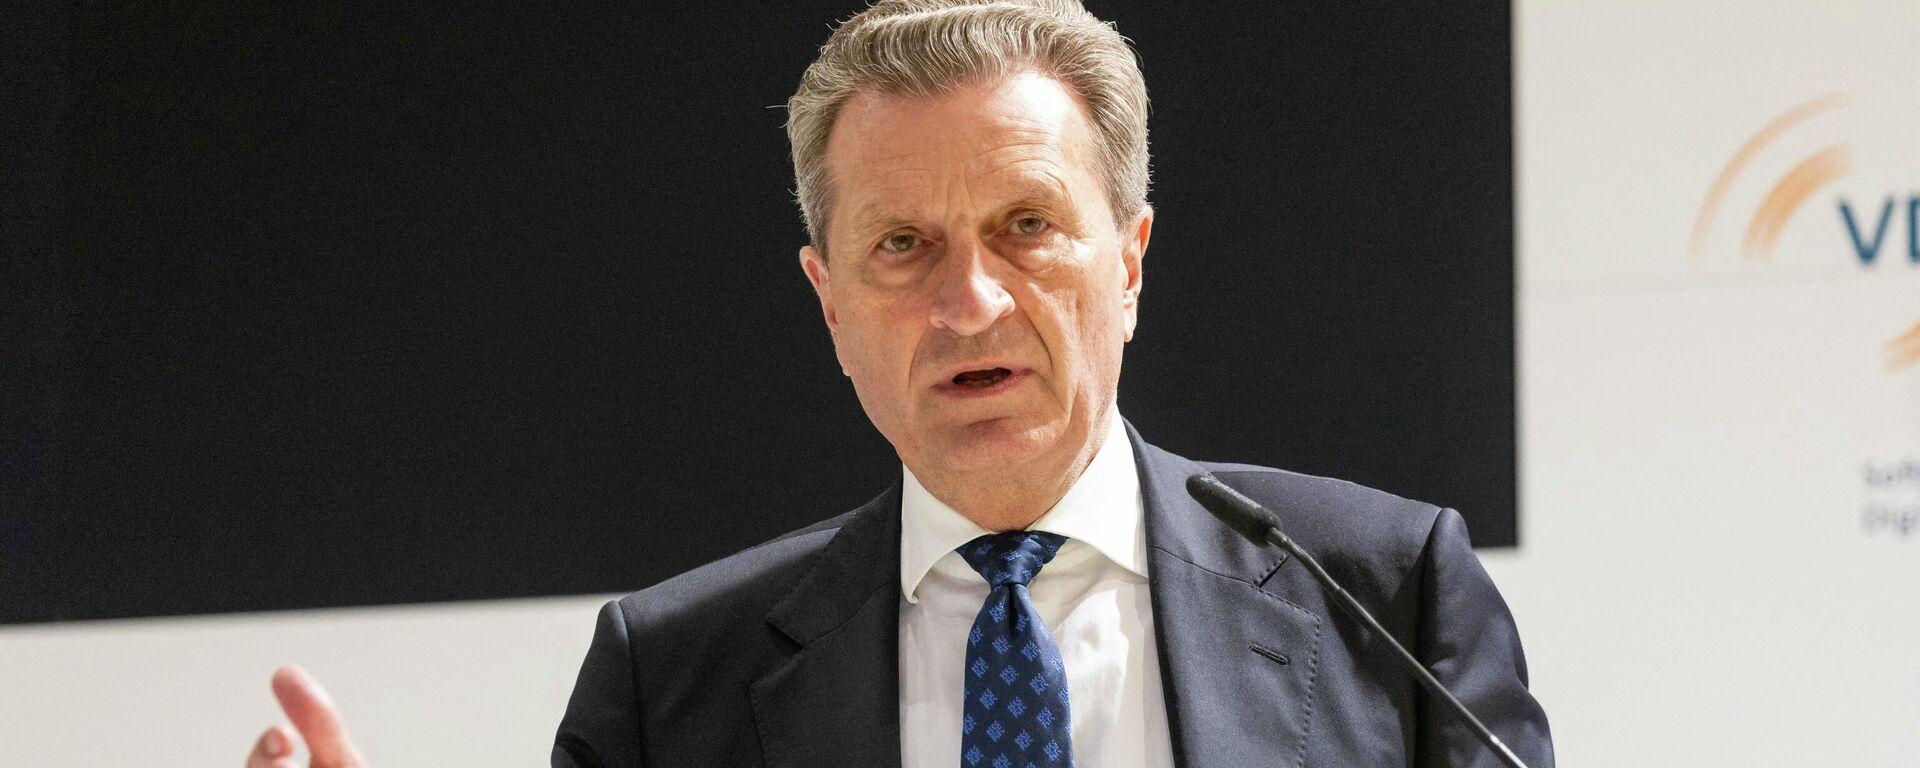 Günther Oettinger, Ex-Ministerpräsident von Baden Württemberg und ehemaliger EU-Kommissar für Energie, Digitale Wirtschaft und Gesellschaft, Haushalt und Personal (Archiv) - SNA, 1920, 20.05.2021